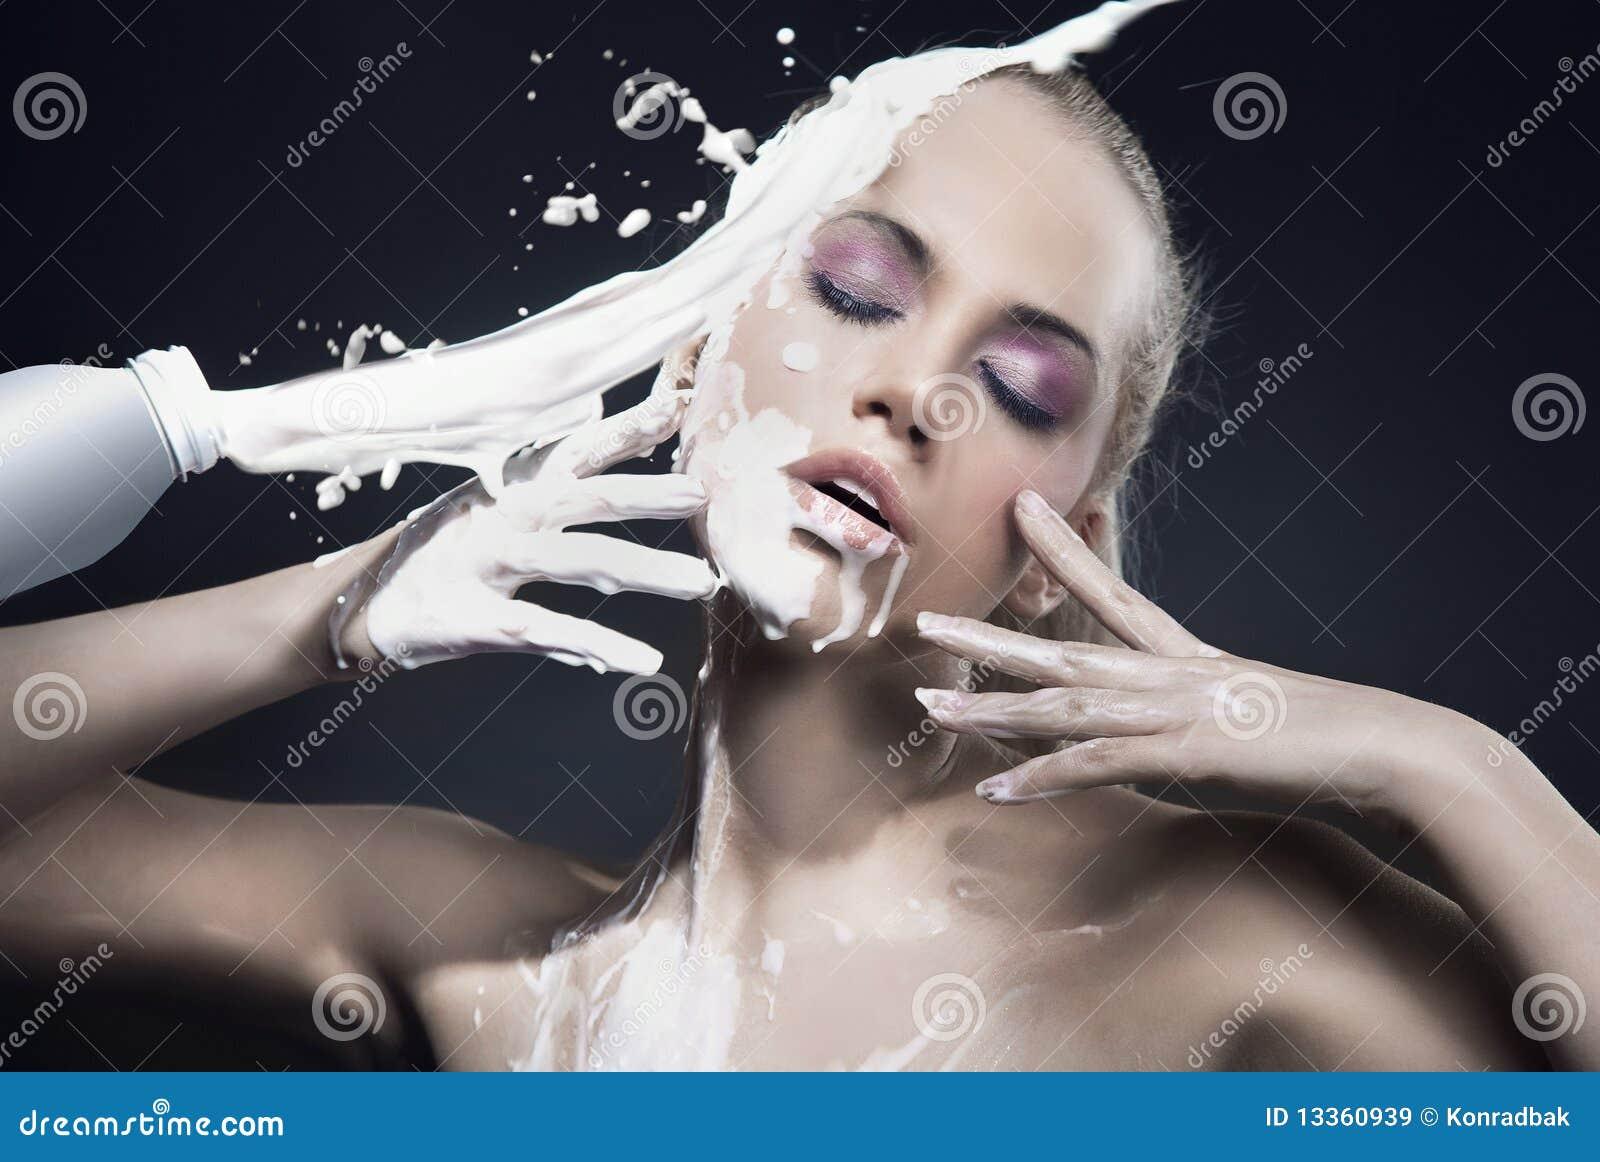 γυναίκα γάλακτος